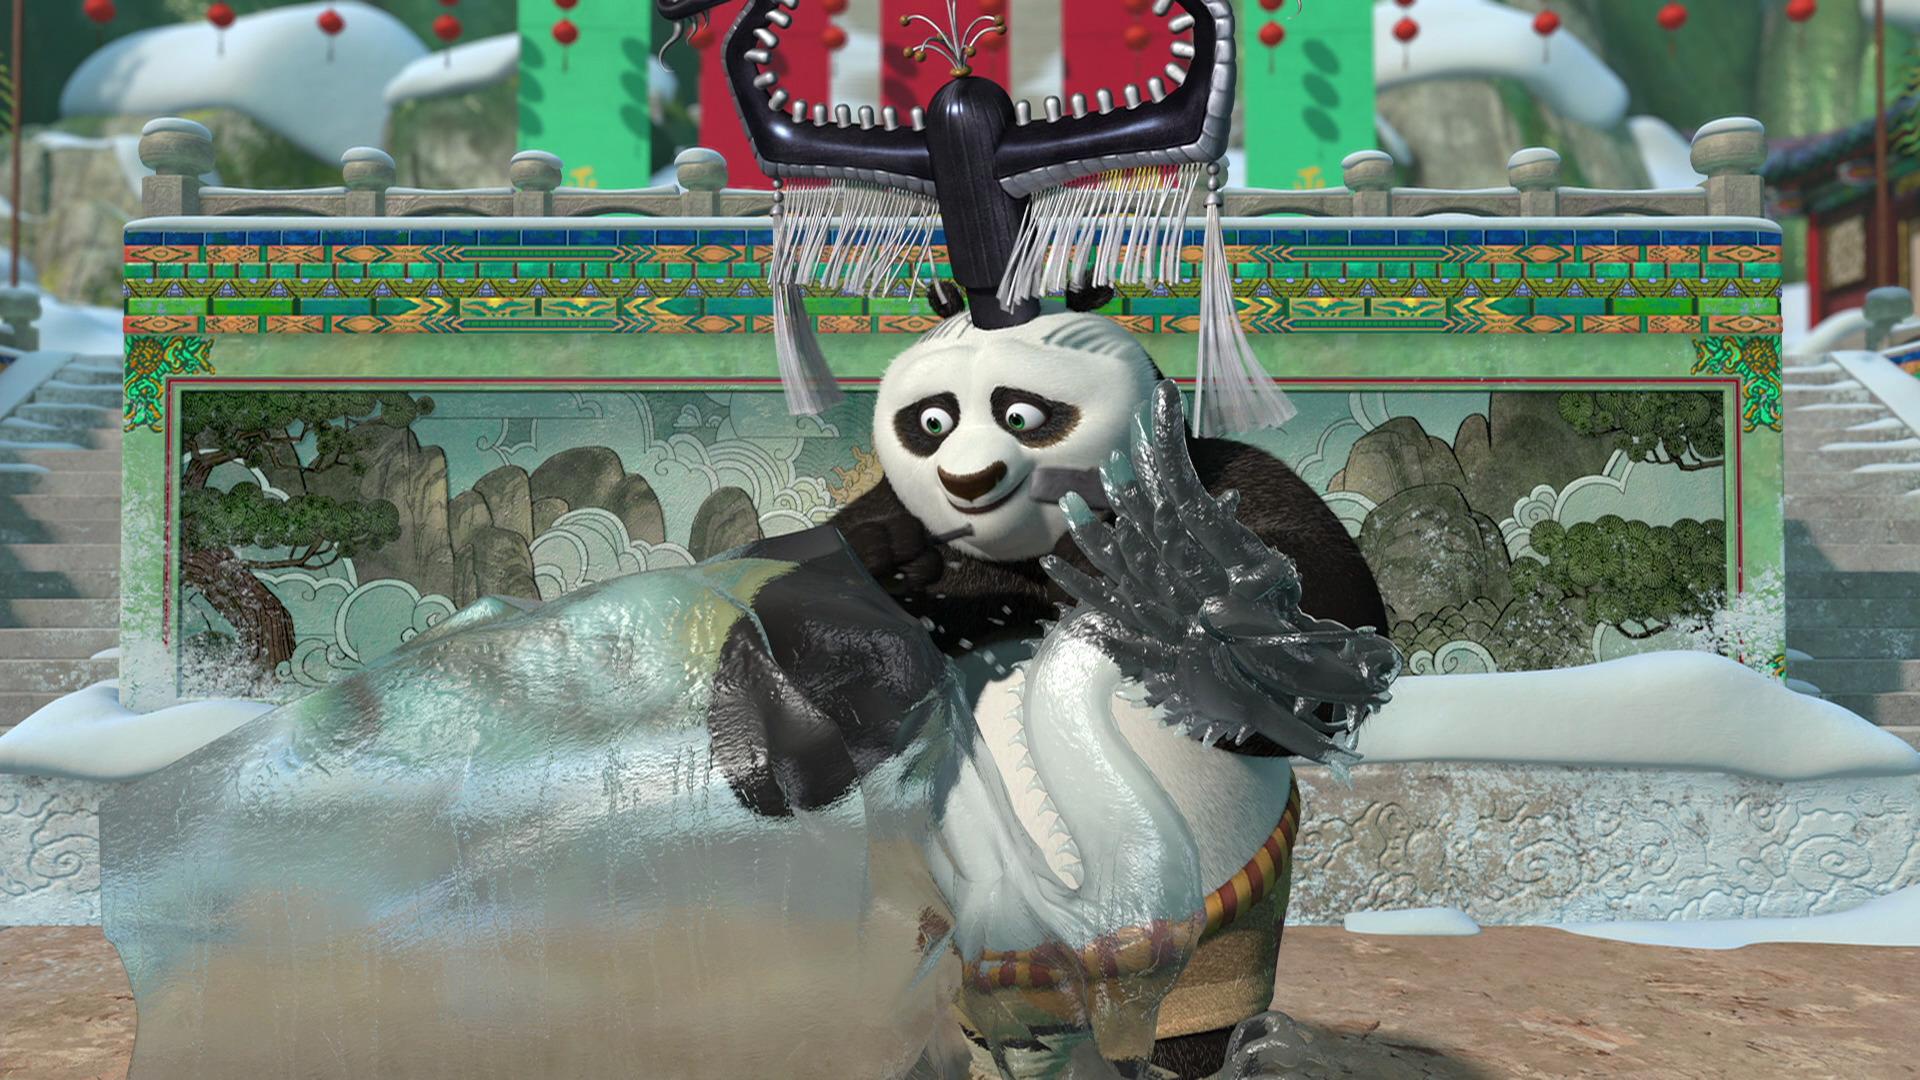 Image - Kung Fu Panda Holiday Special 720p HDTV-KmG.mkv snapshot ...